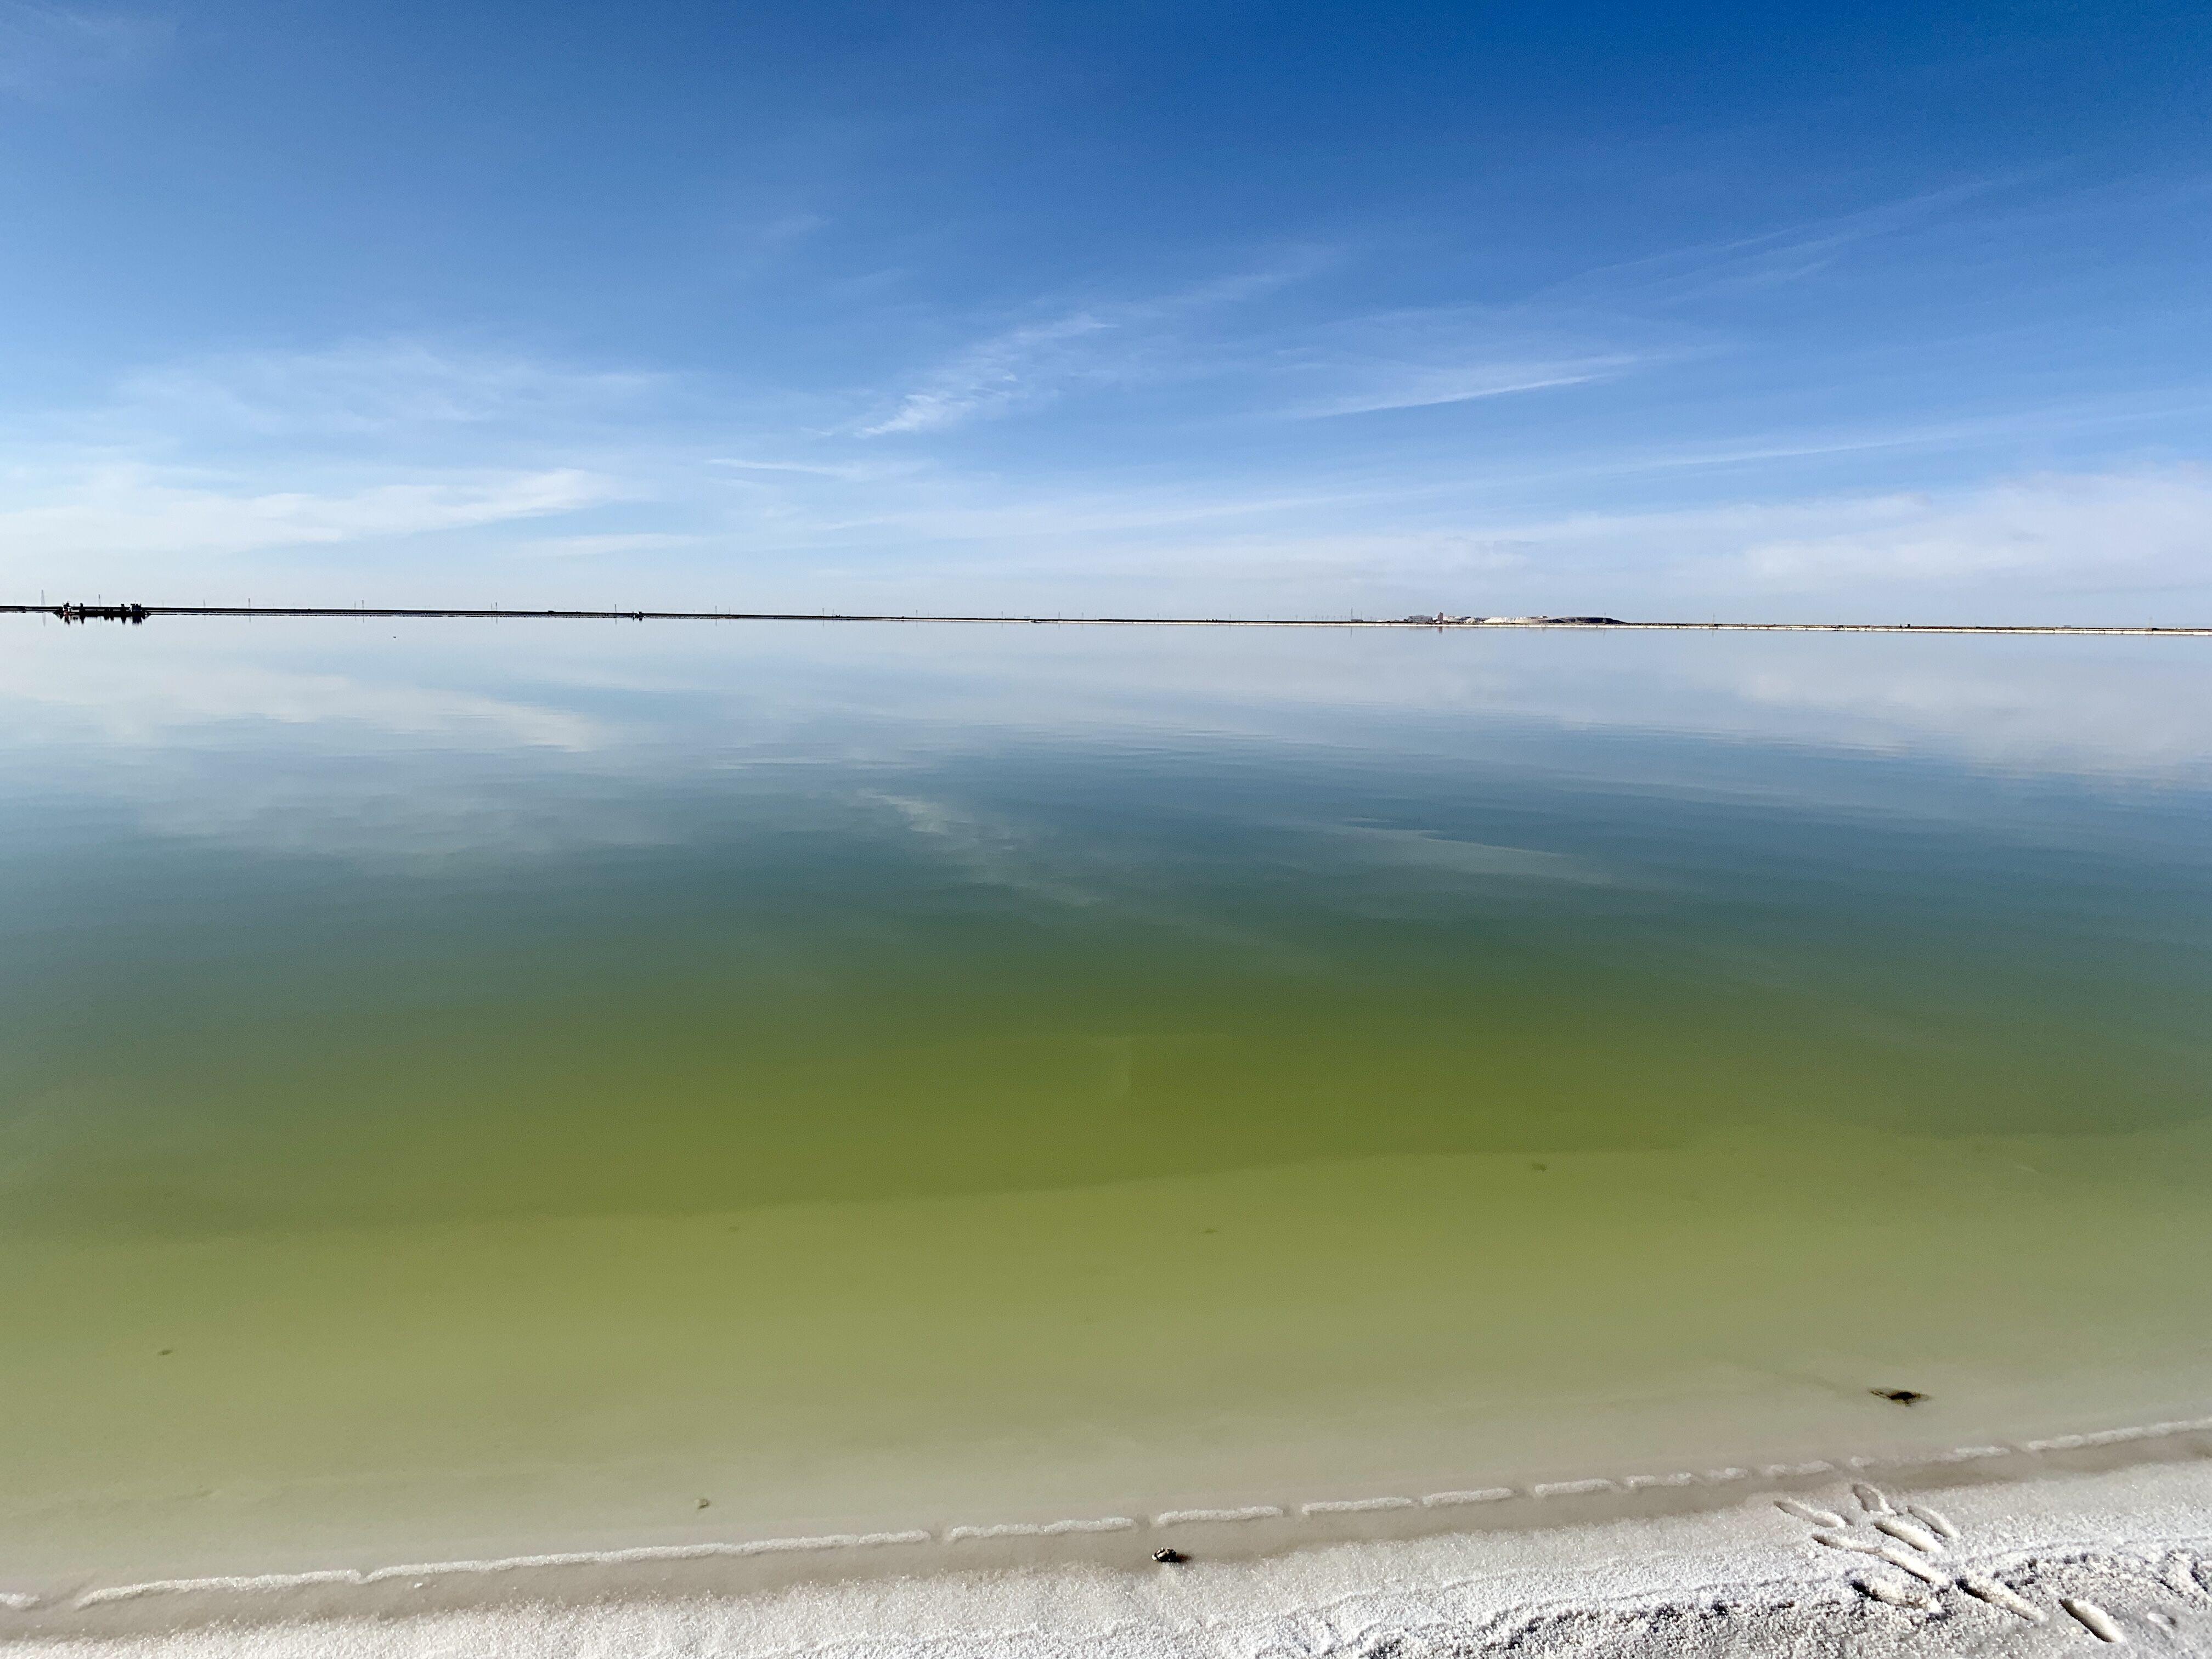 盐湖再出发 格尔木:努力打造千亿元级盐湖资源利用产业